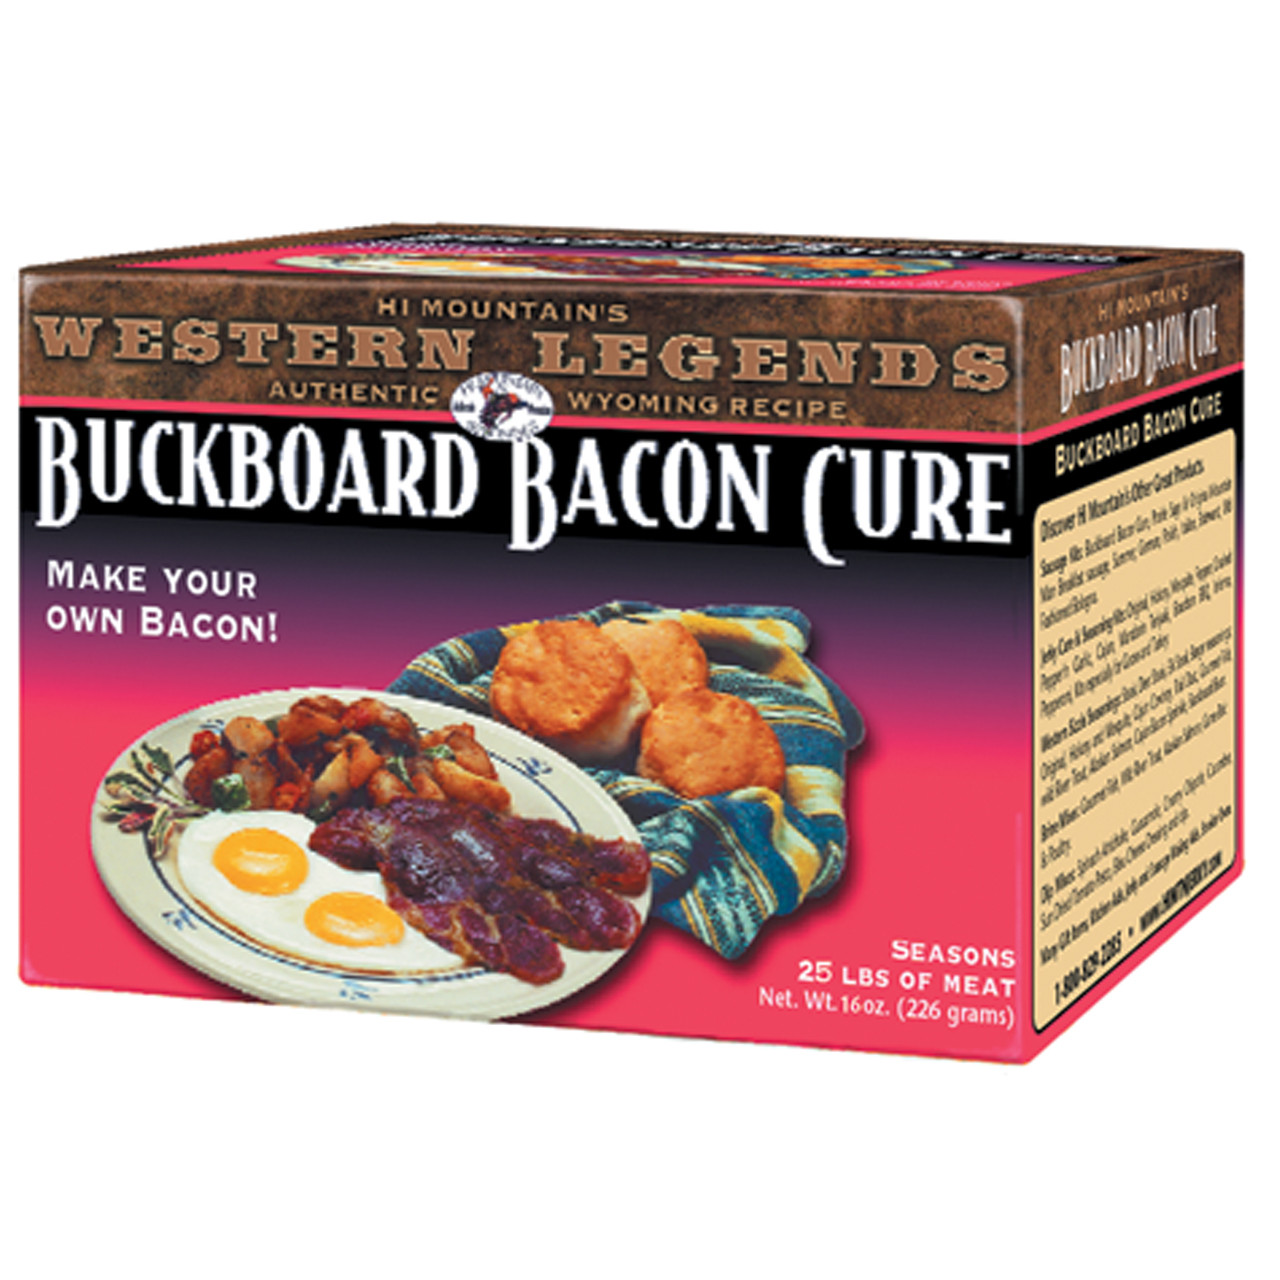 Buckboard Bacon Cure